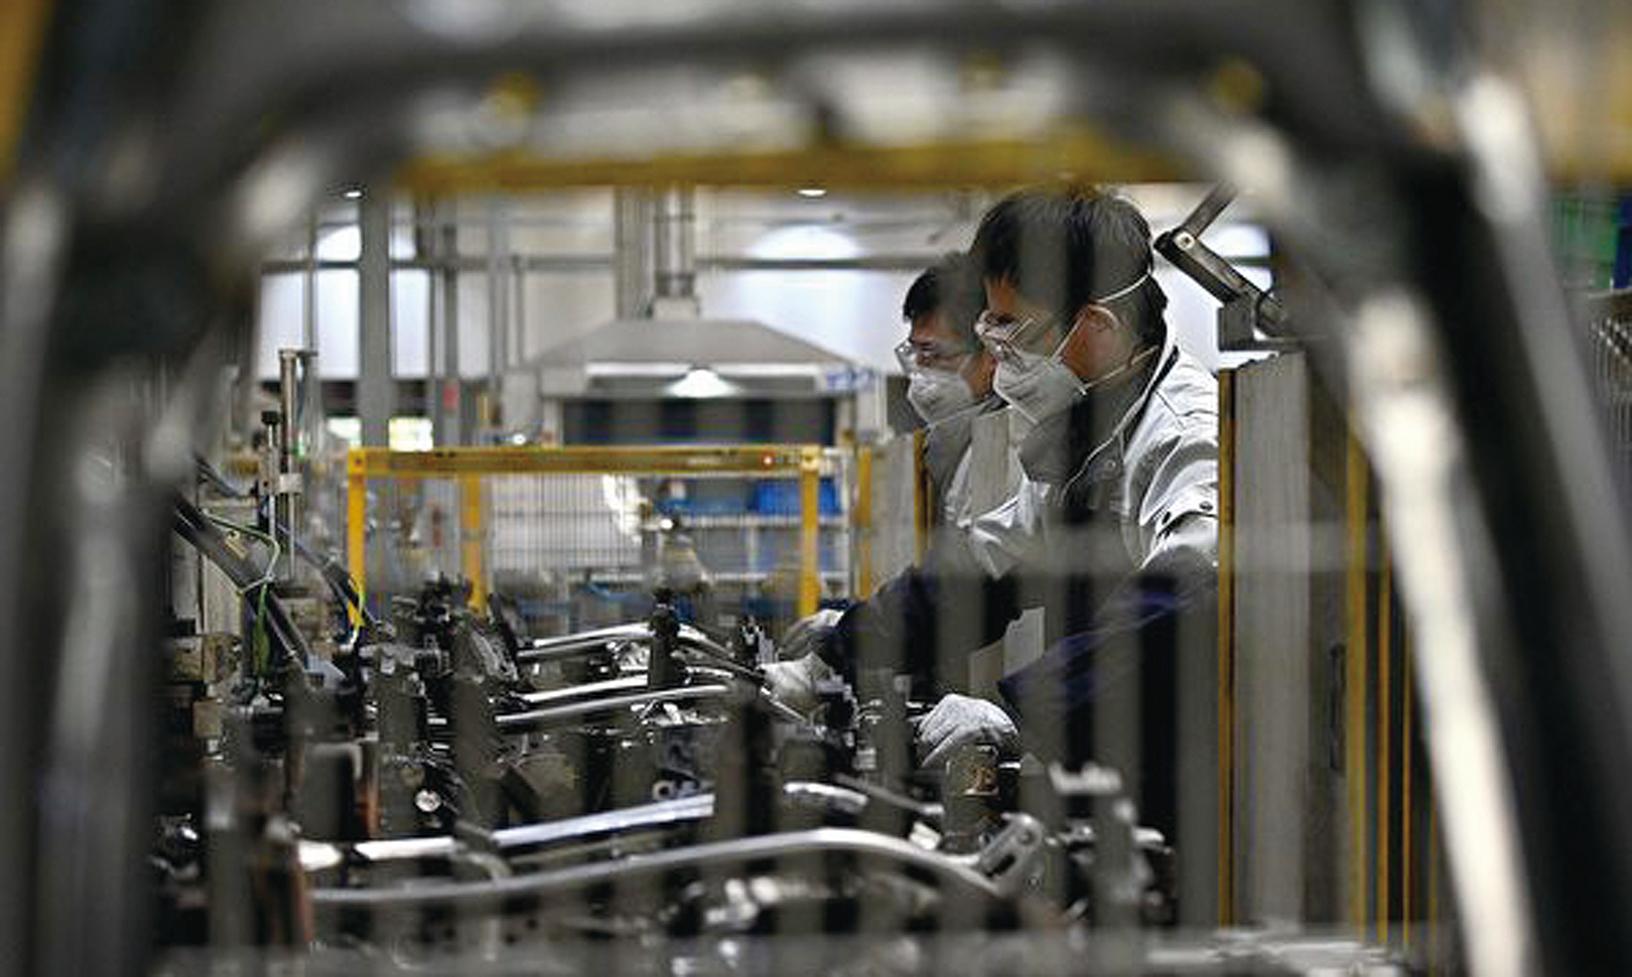 今年中共肺炎疫情爆發,多家中共國企已經或計劃從港交所退市。圖為受疫情影響下的中國工廠。(NOEL CELISAFP via Getty Images)